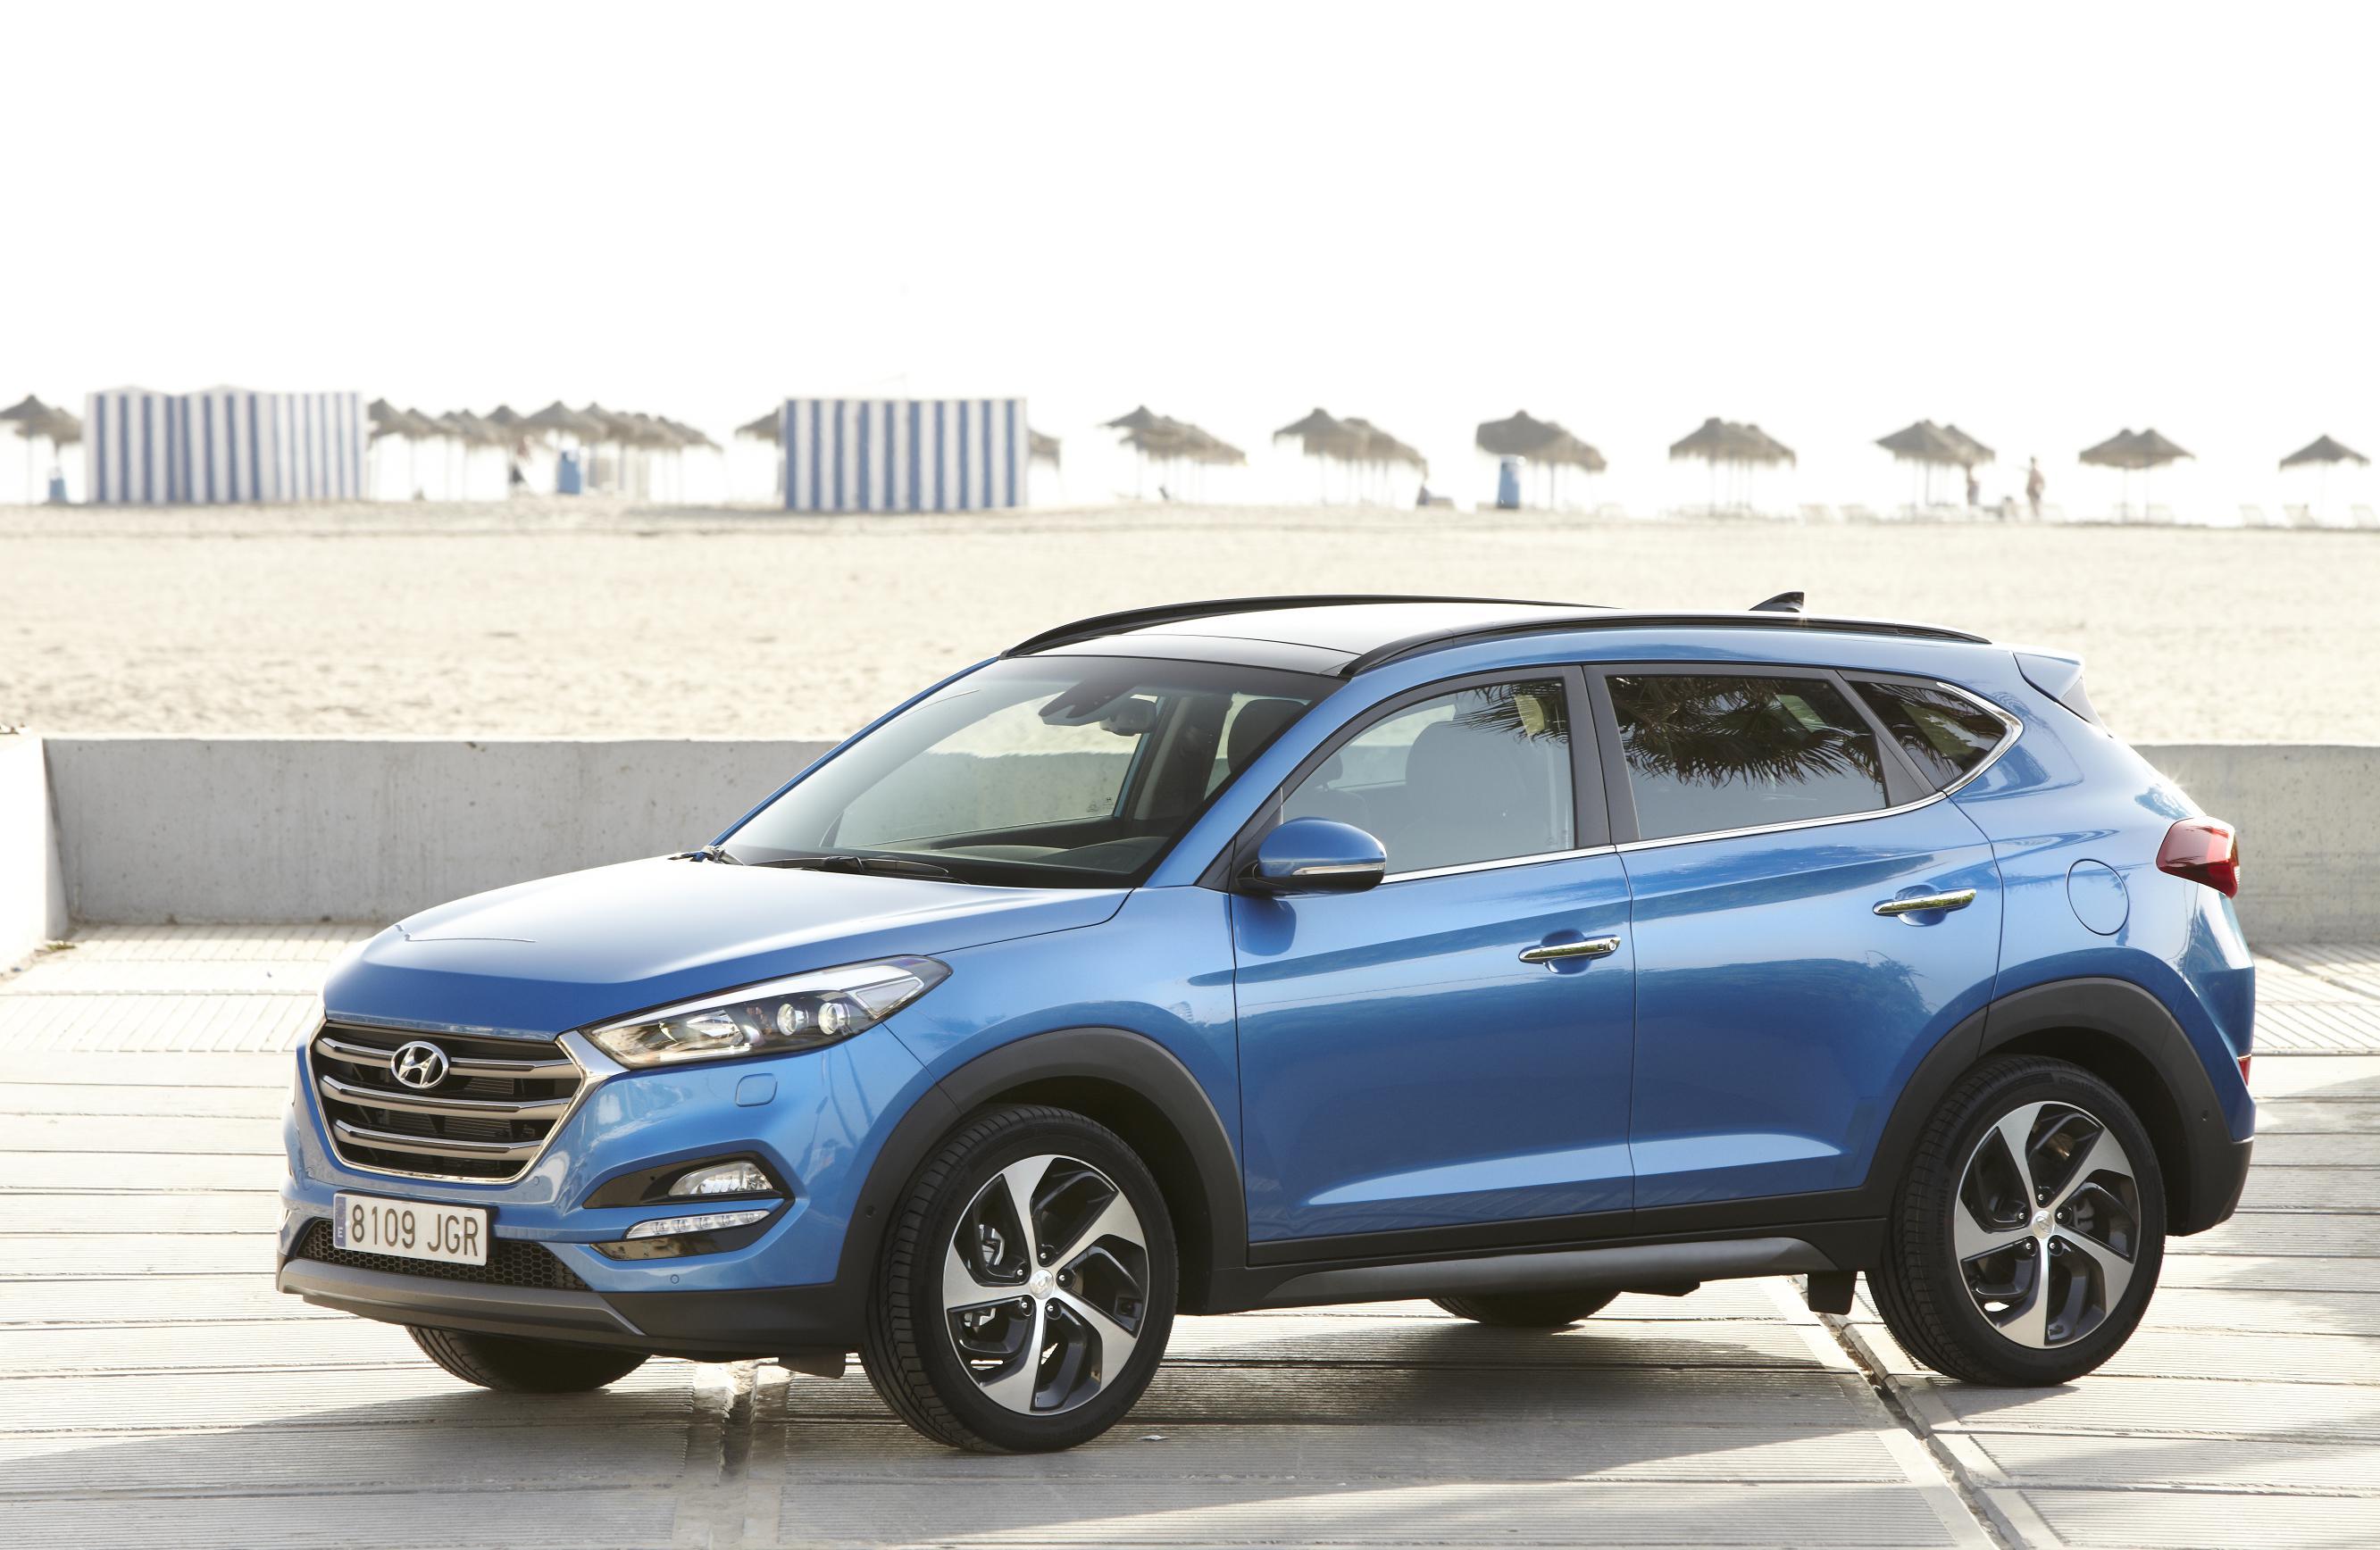 El Hyundai Tucson es el Coche del Año 2016